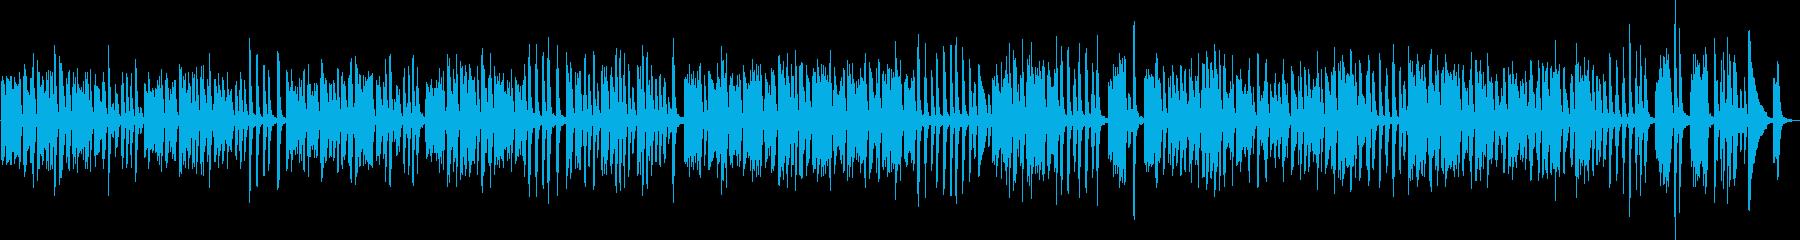 愉快なピアノBGM(明るい・ポップ)の再生済みの波形